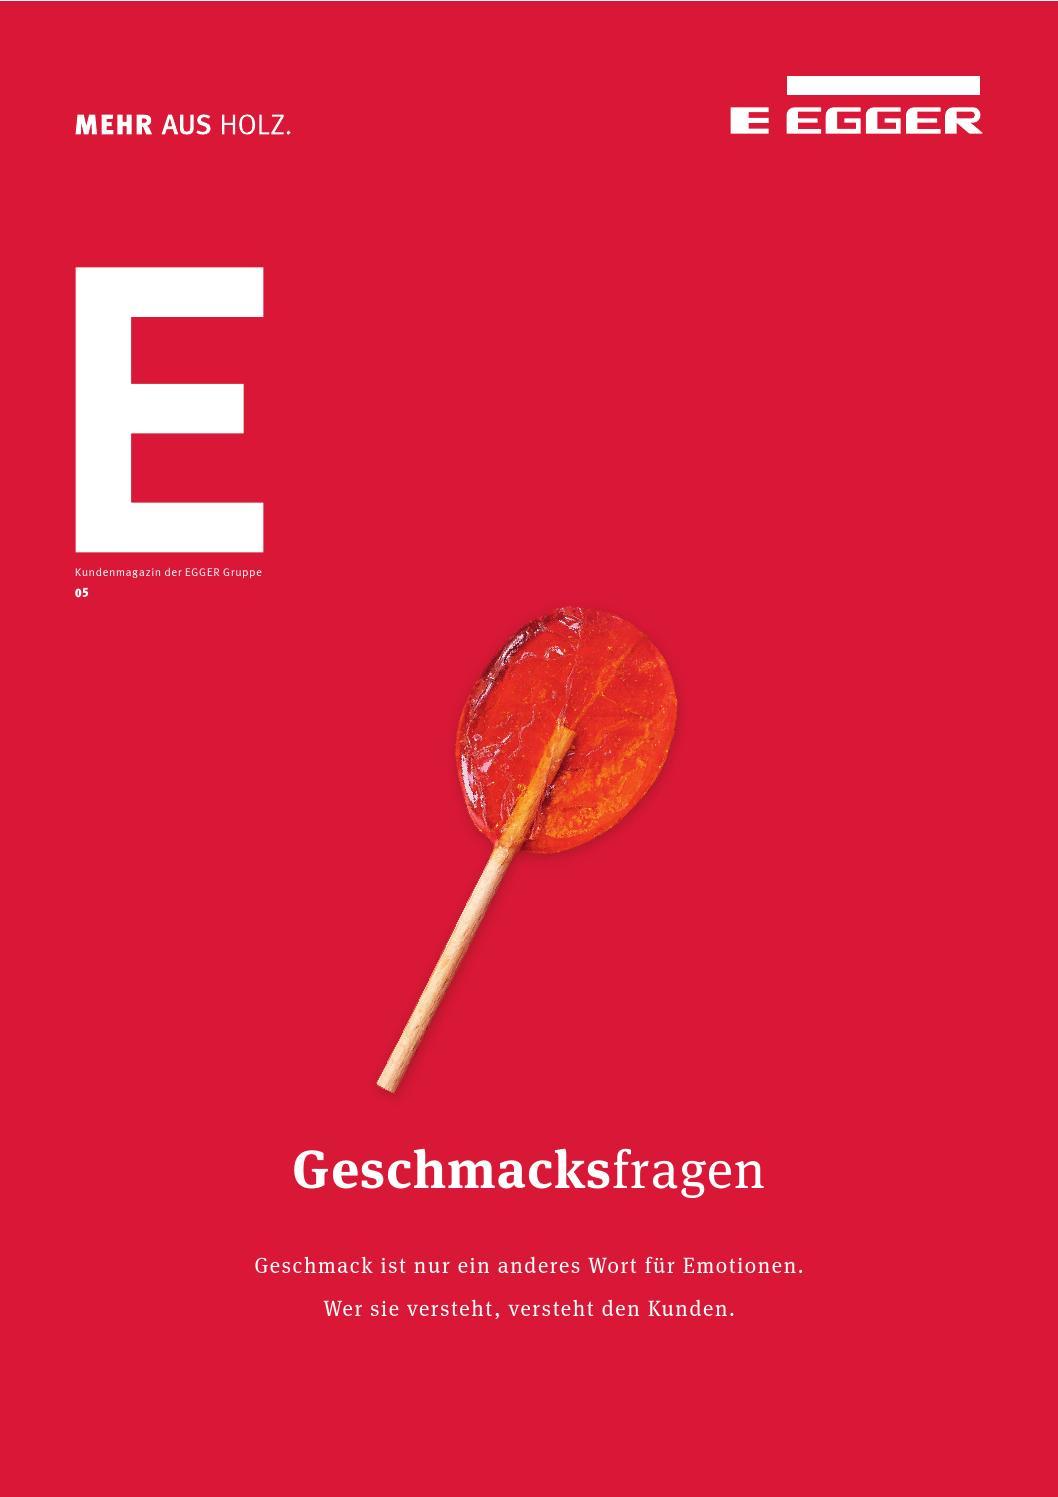 MORE 05 - Questions of Taste (DE) by Fritz EGGER GmbH & Co.OG - issuu